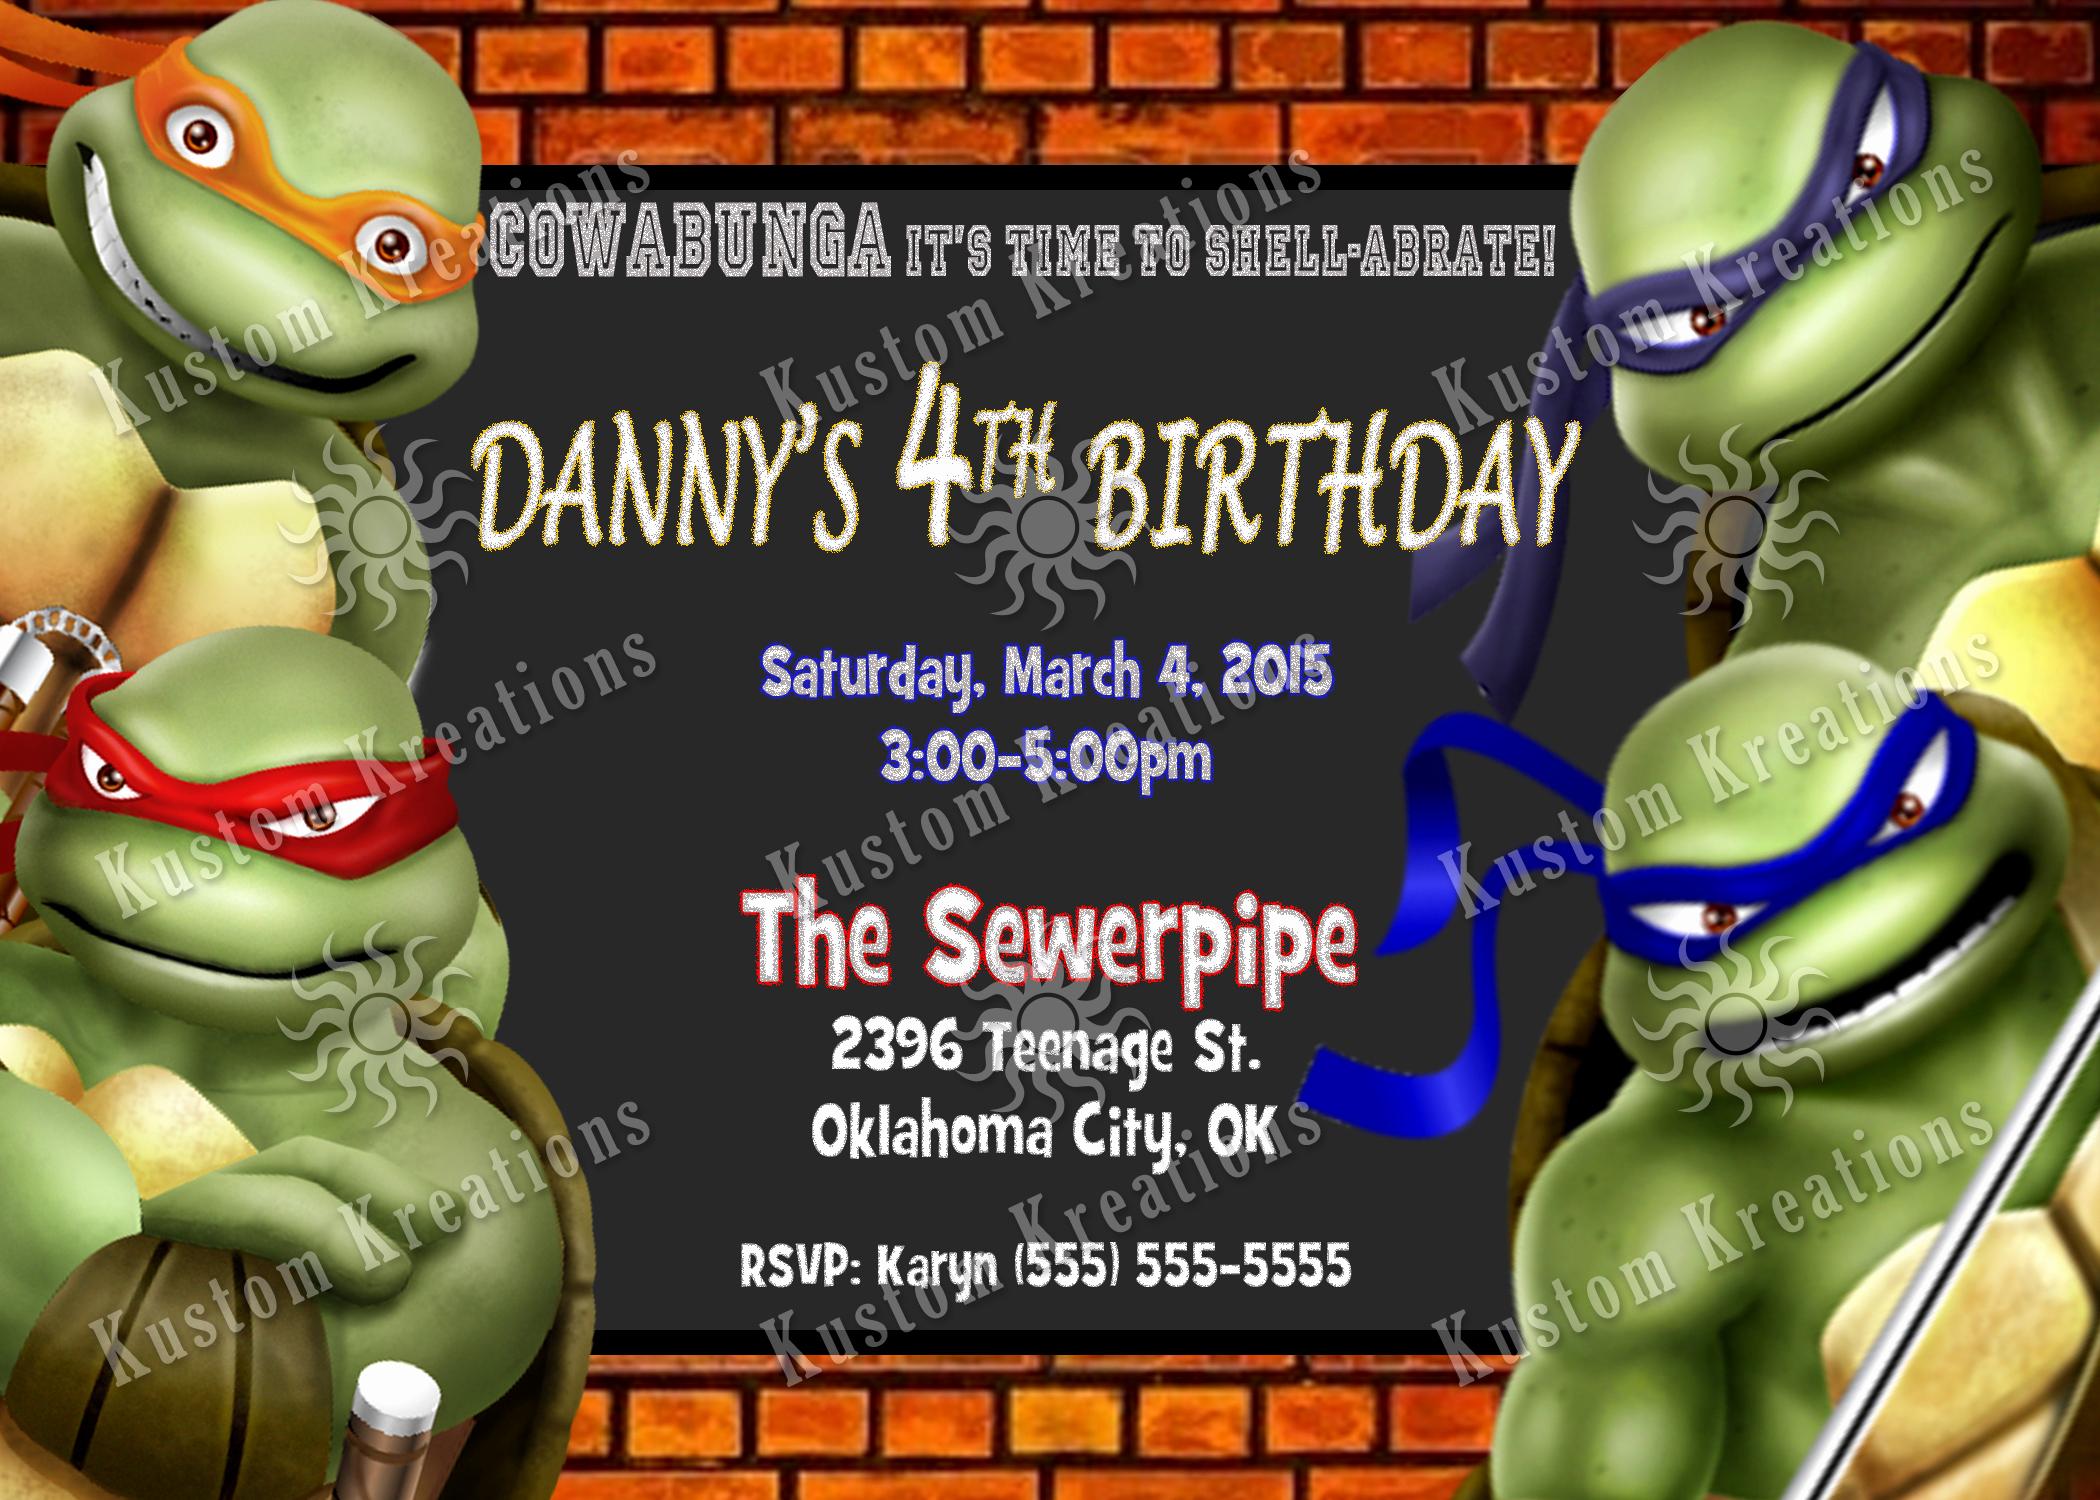 Ninja Turtles Birthday Invitation Templates Luxury Teenage Mutant Ninja Turtles Birthday Invitations 2014